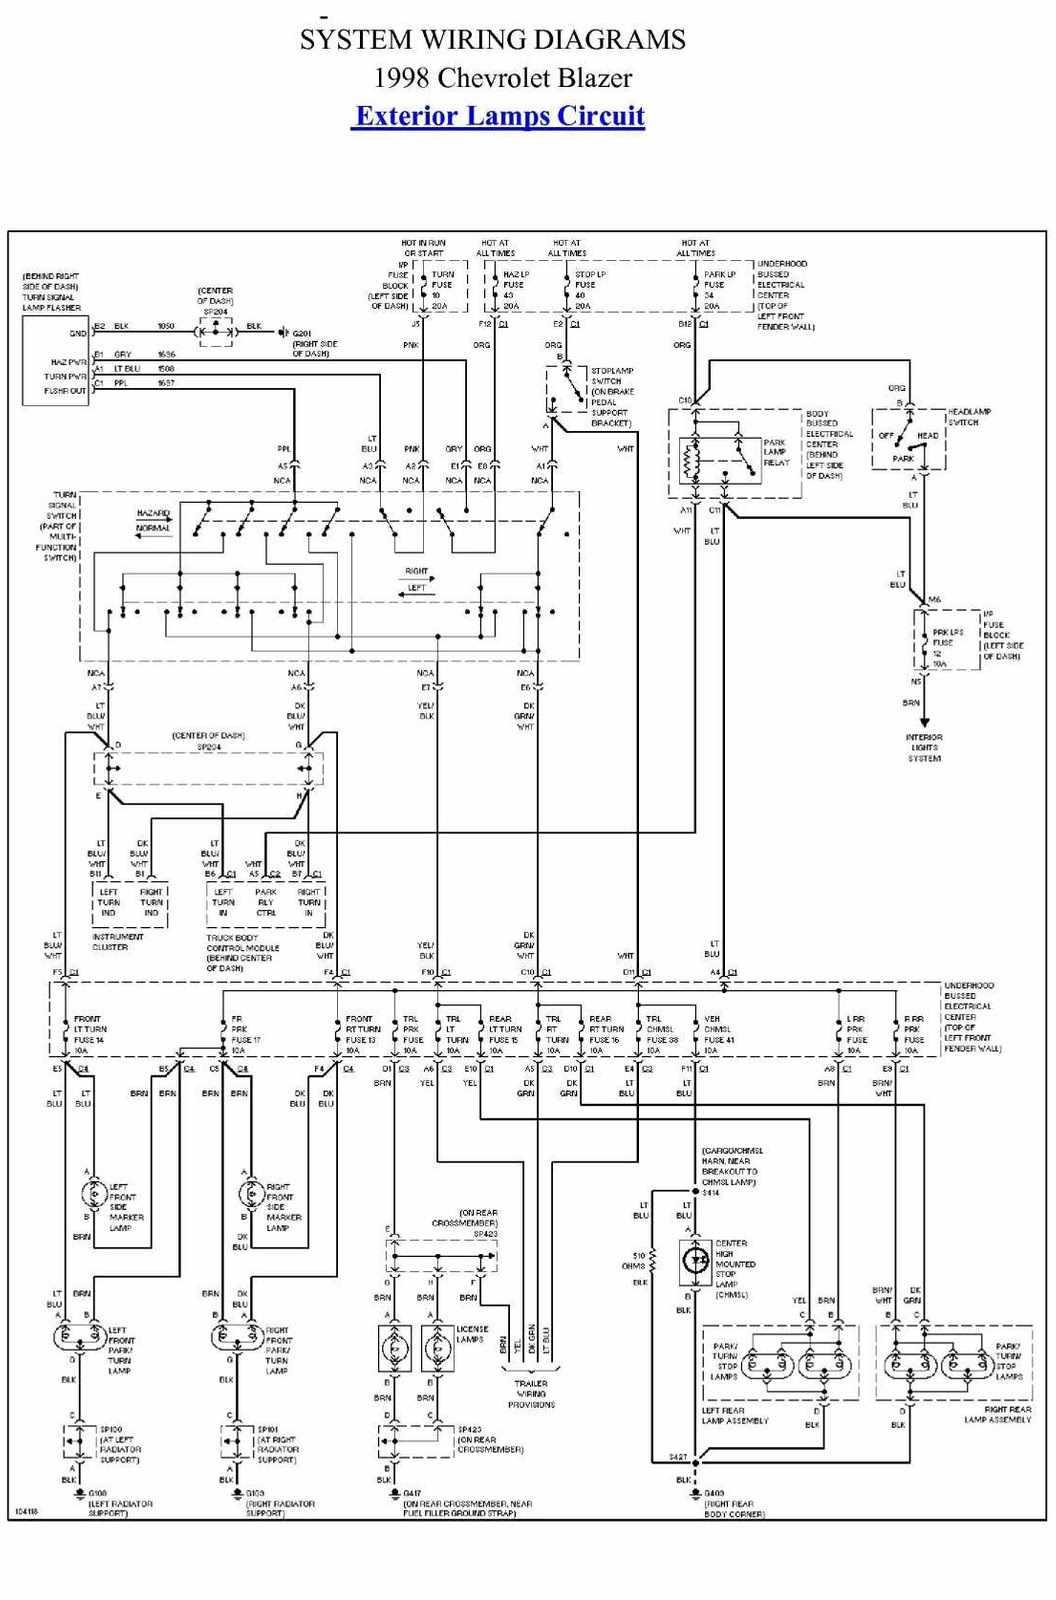 medium resolution of exterior lamp circuit diagram of 1998 chevrolet blazer